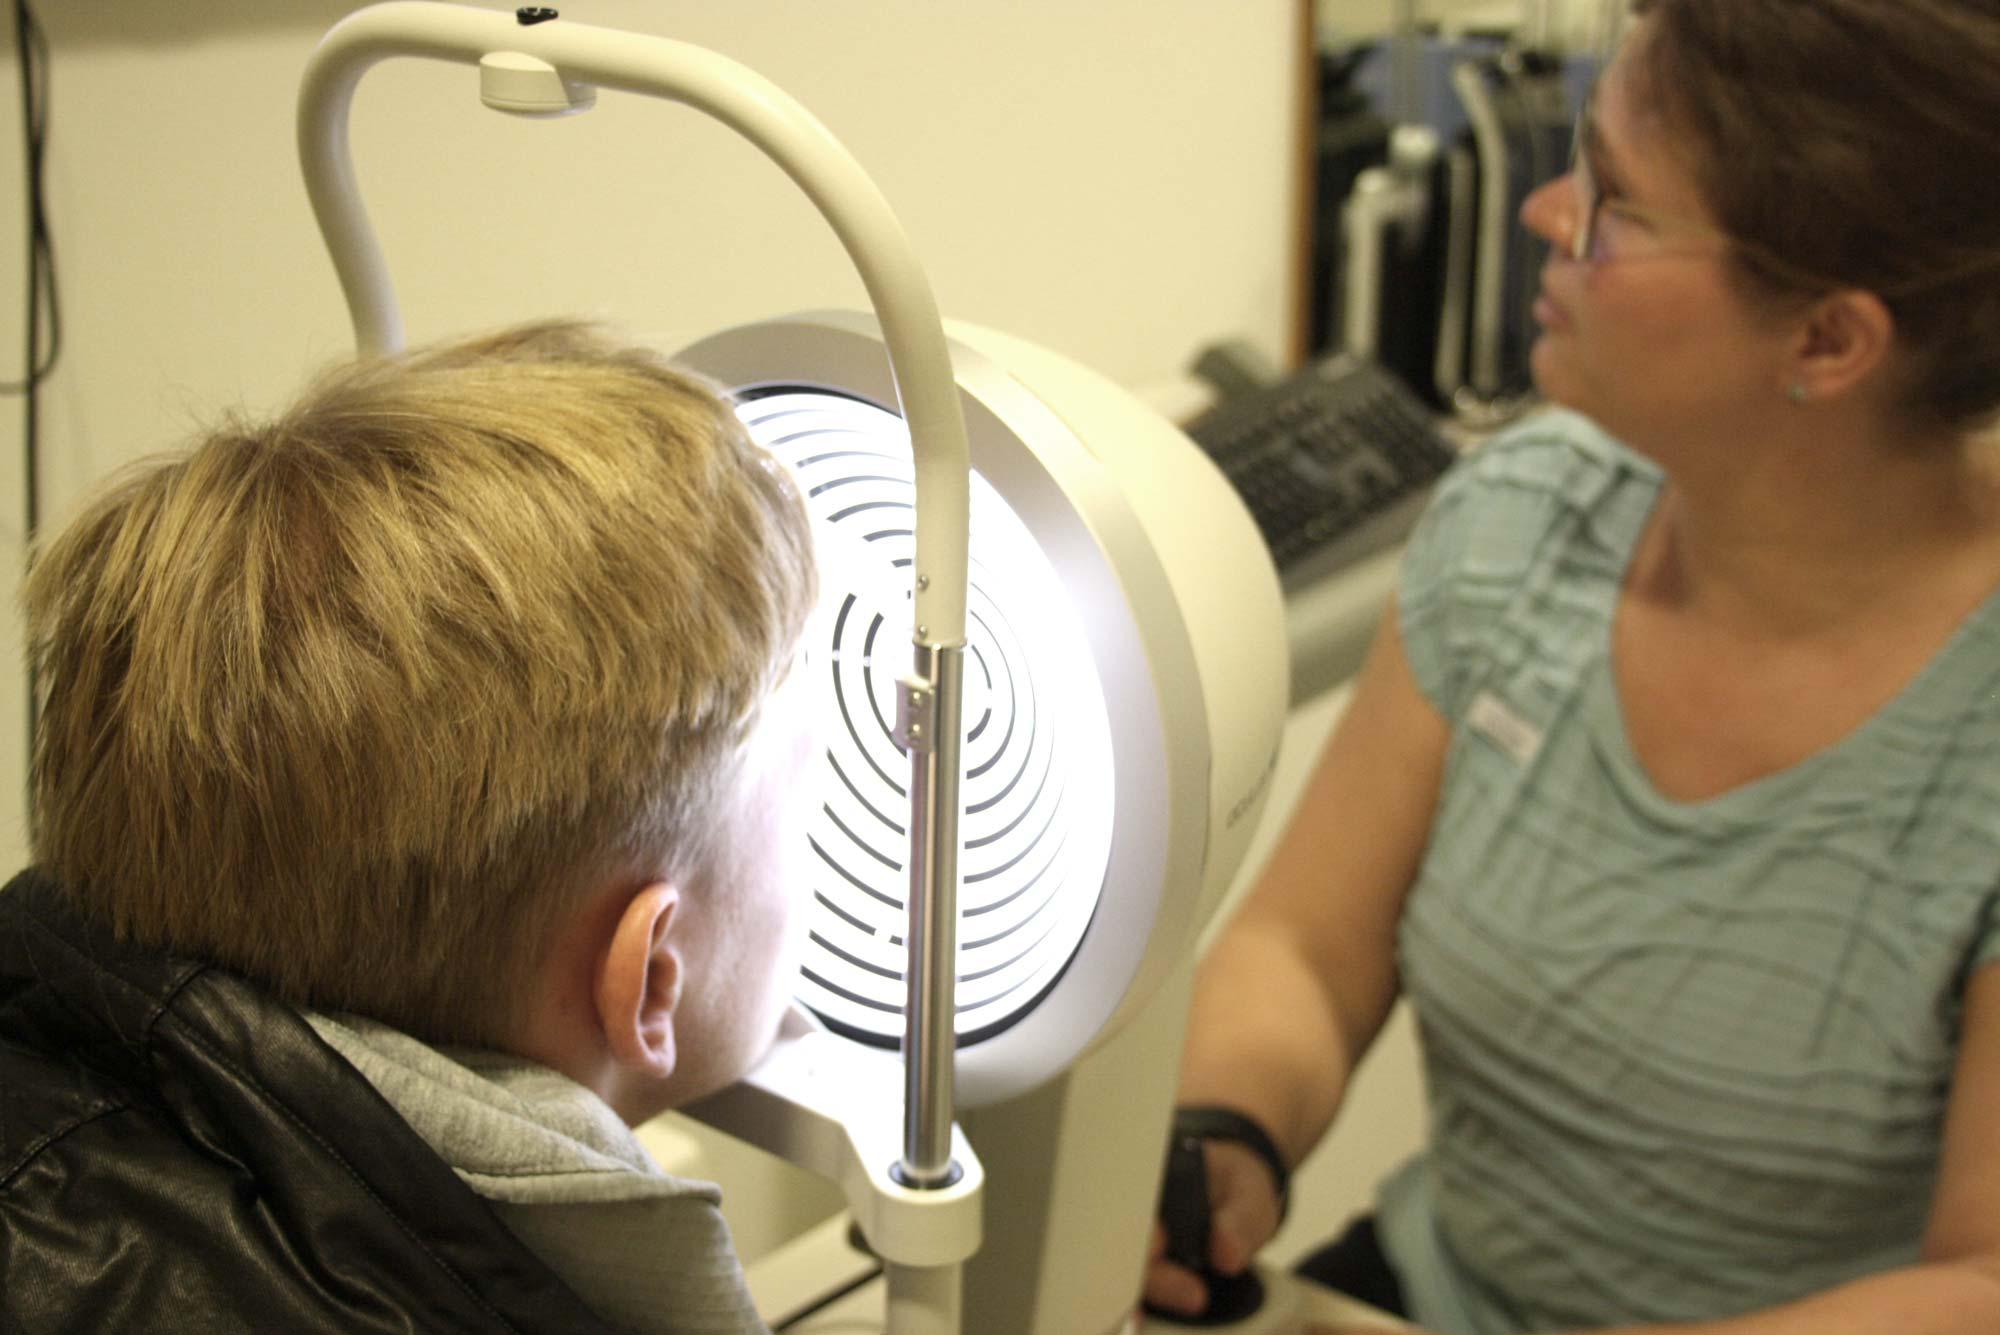 F.C. Hansa Spieler Willi Evseev lässt sich von Kontaktlinsenspezialistin Anja Stengel mit dem Oculus Keratographen 5M die Augen überprüfen - bei Optik Sagawe in Rostock